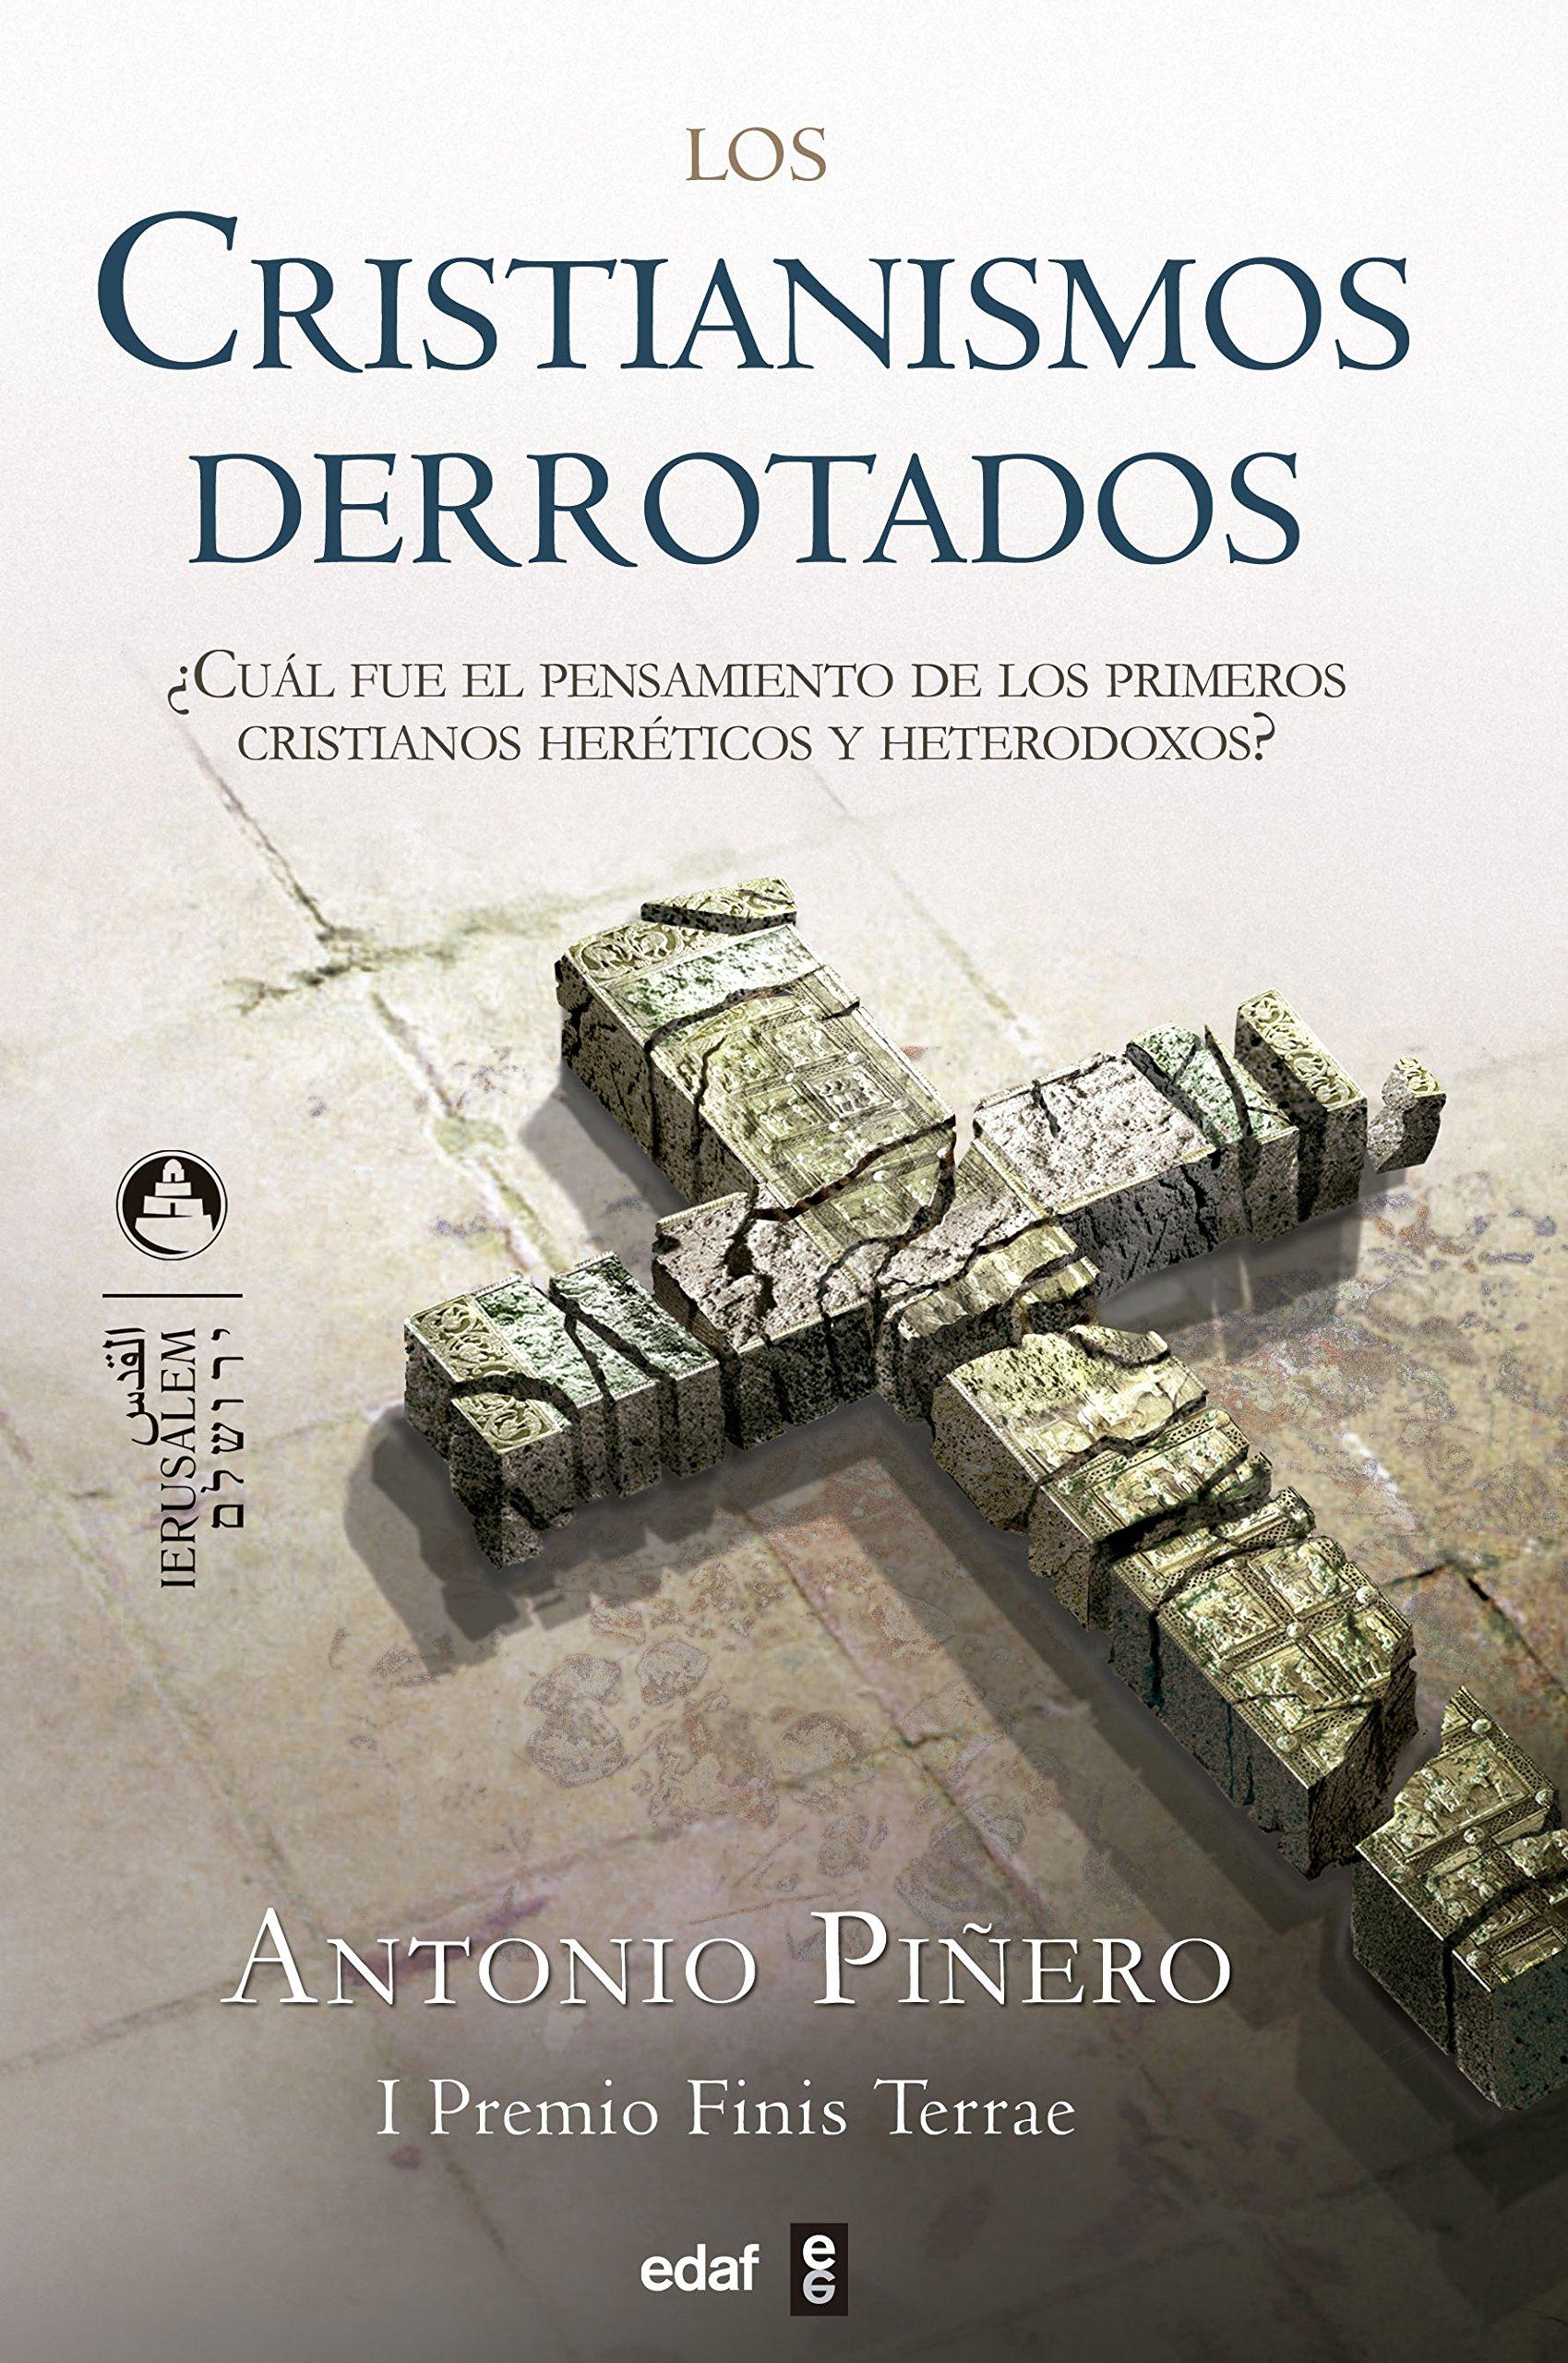 Cristianismo Derrotados, Los (Jerusalem): Amazon.es: Piñero Sáenz, Antonio: Libros